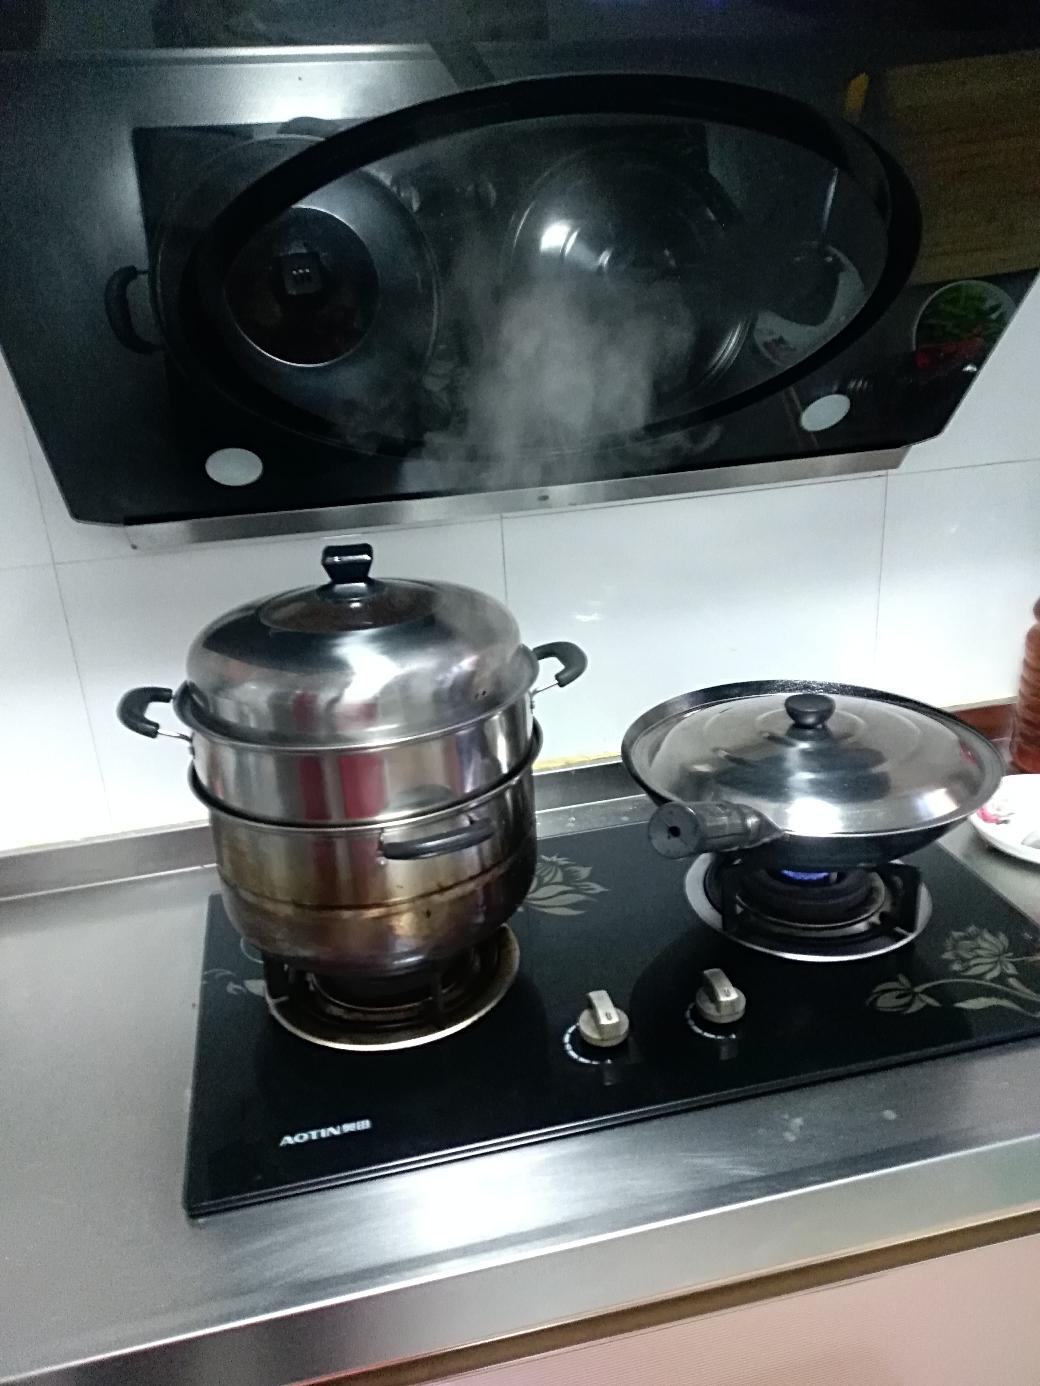 【金鼠打卡第十二天】我爱烧饭了